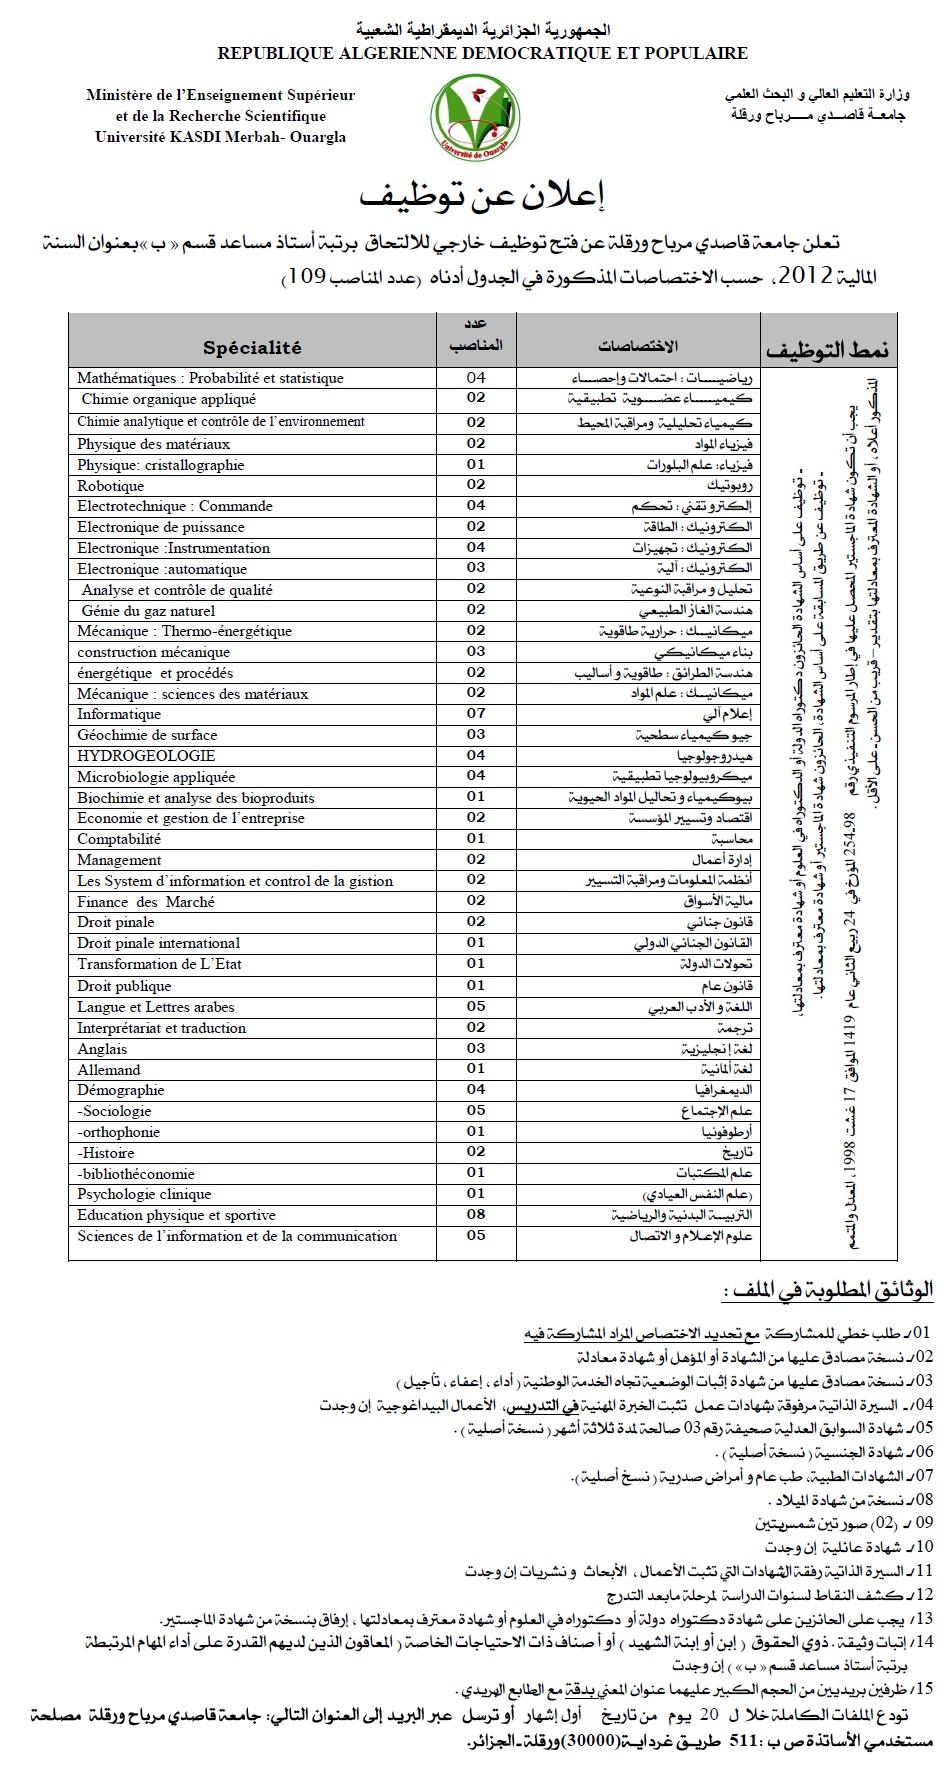 Université de Ouargla recrute des enseignants 2012 -2013   900044Ourgla2012